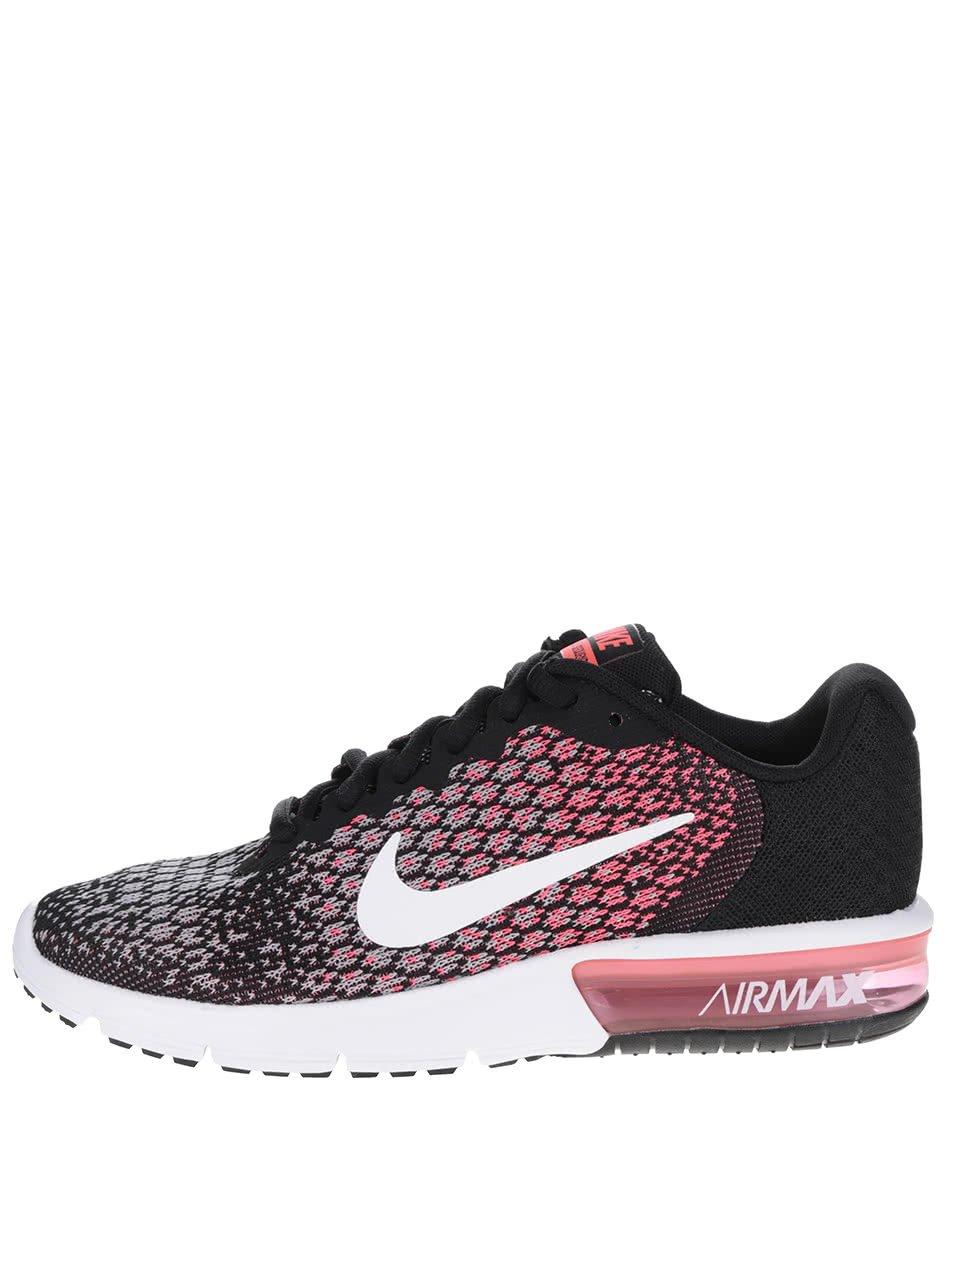 Růžovo-černé dámské vzorované tenisky Nike Air Max Sequent